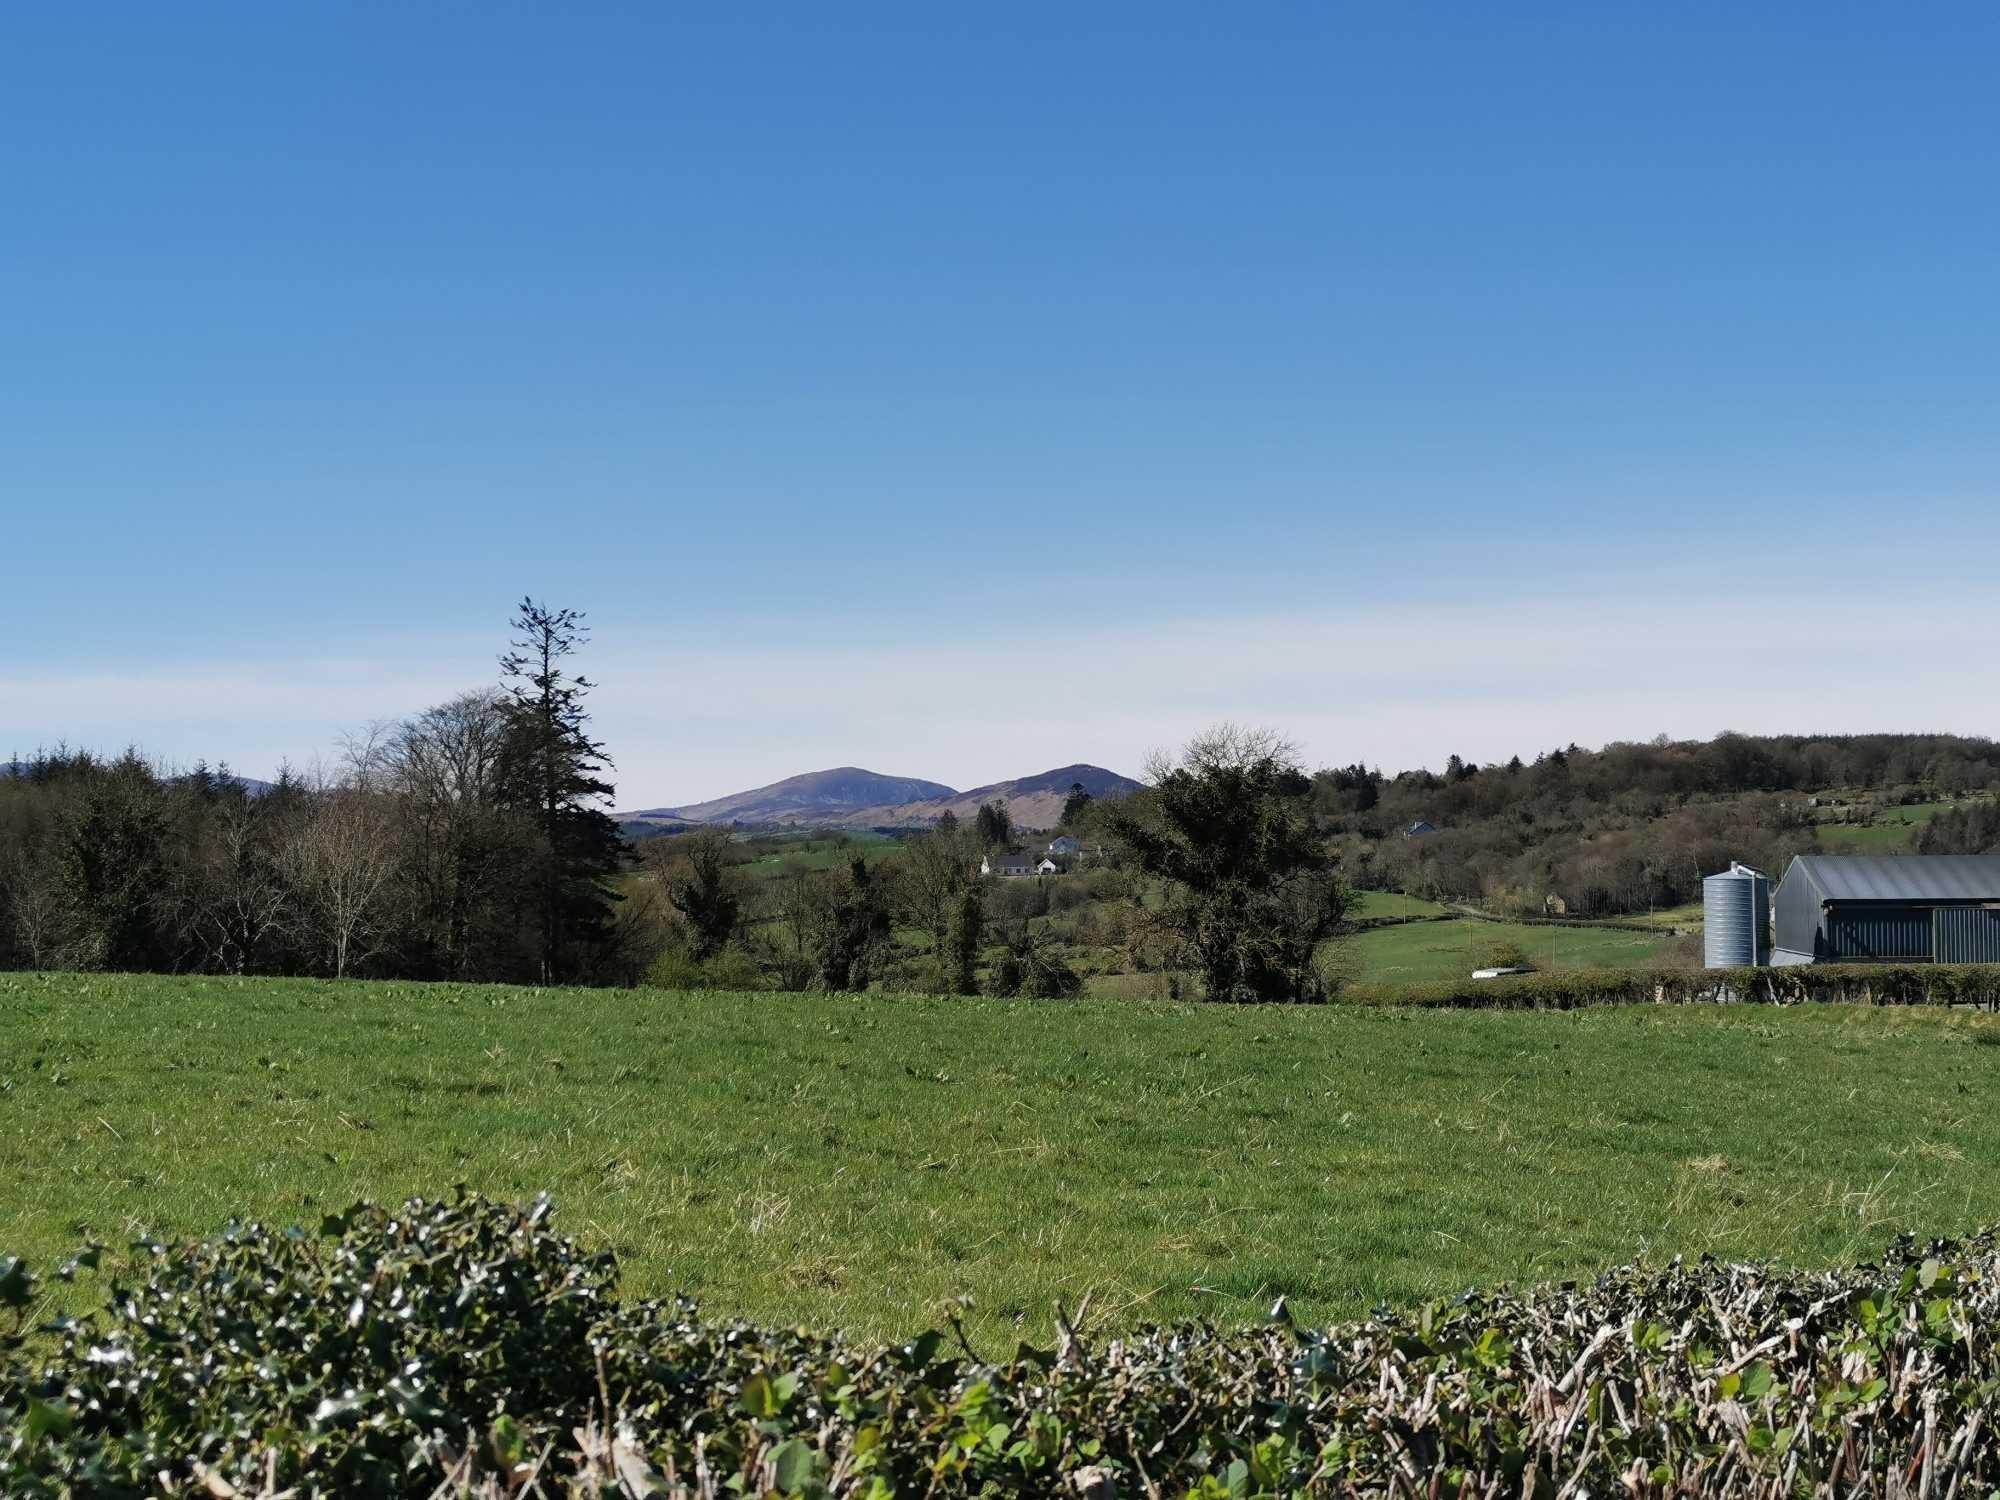 Farmland in Donegal